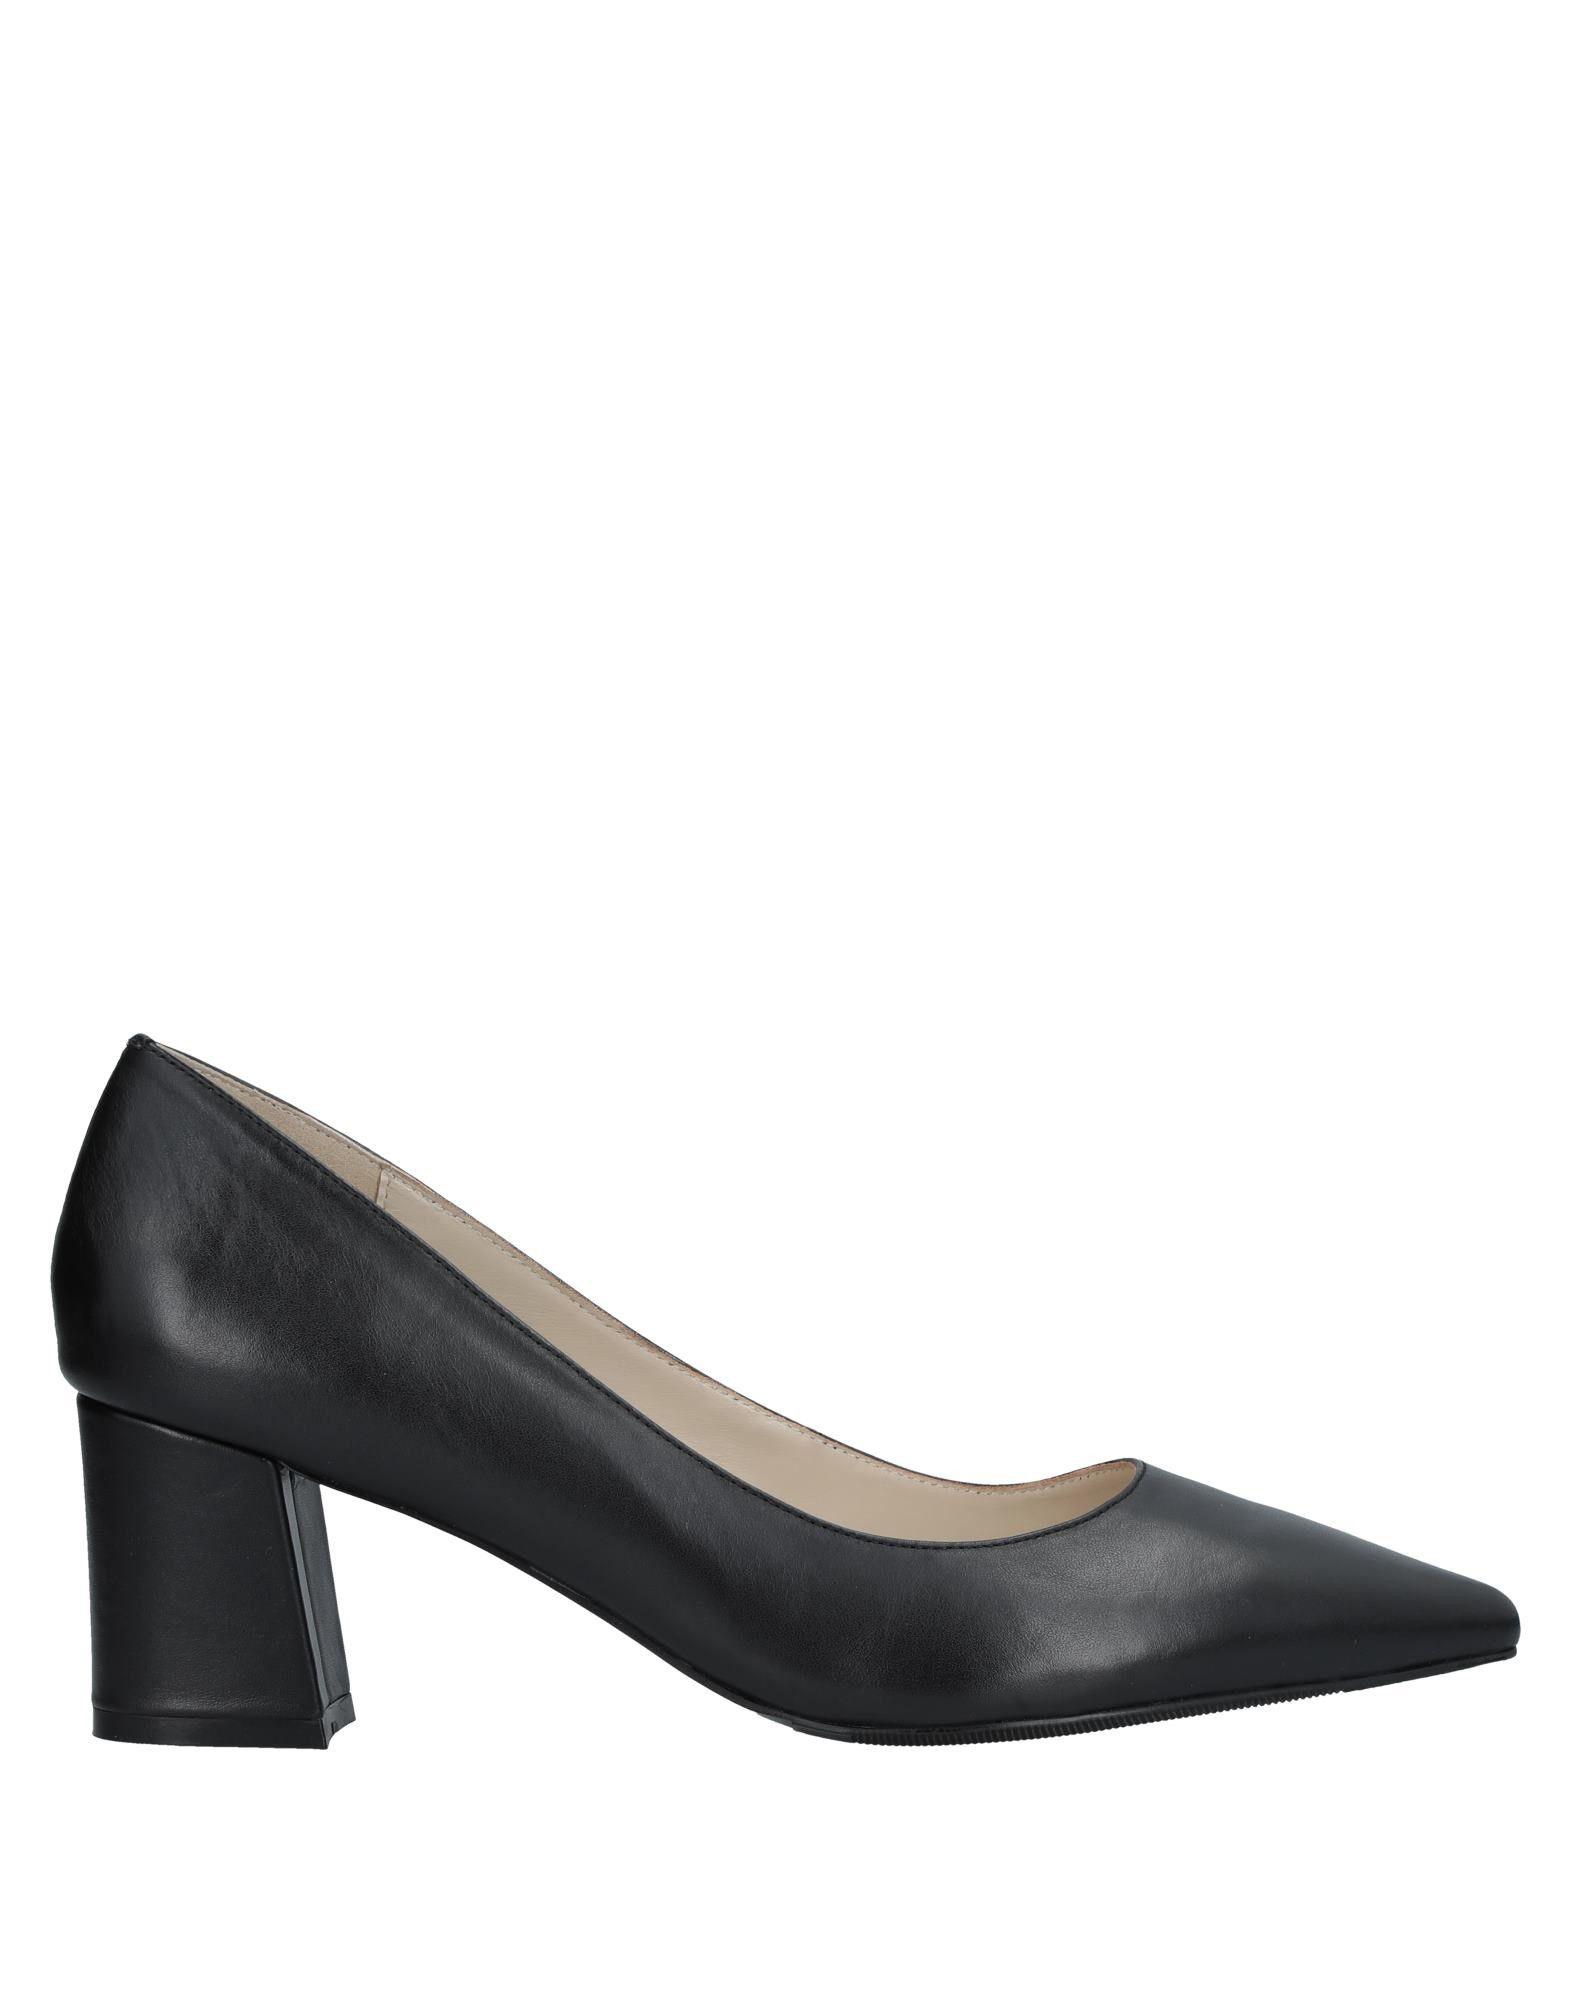 Luciano Barachini Pumps Damen  11529688HG Gute Qualität beliebte Schuhe